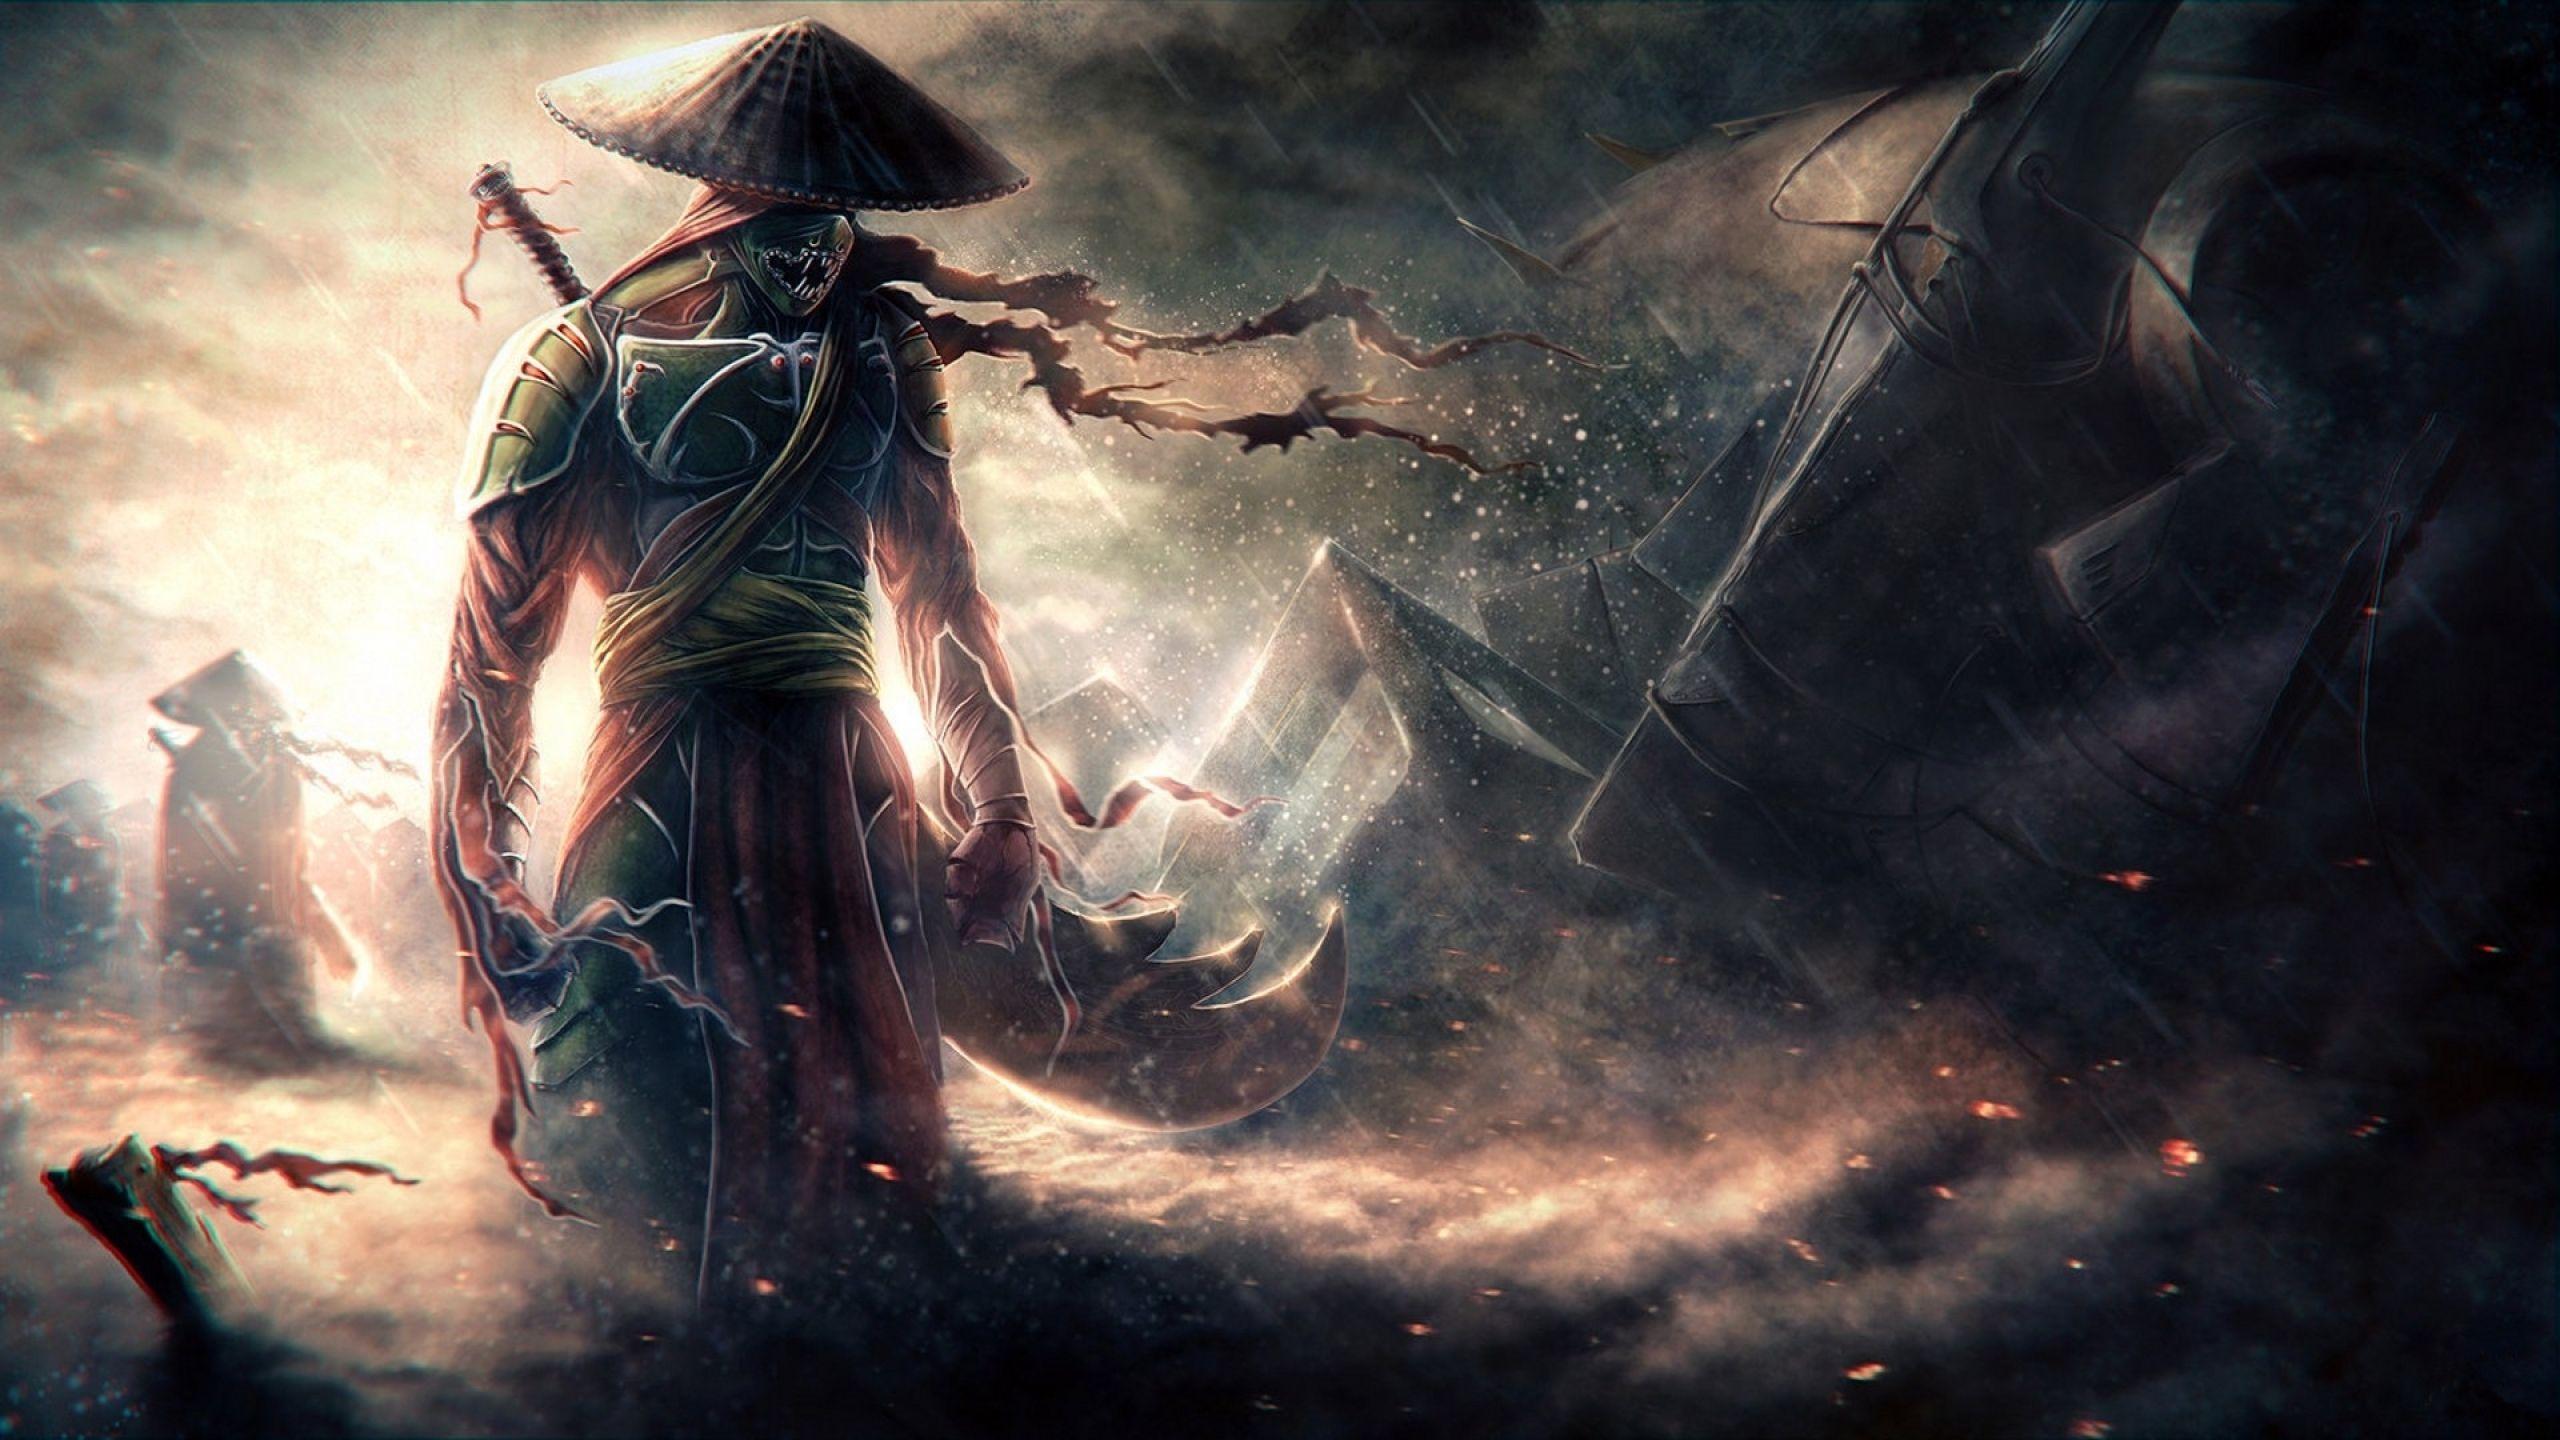 Epic Ninja Wallpapers Top Free Epic Ninja Backgrounds